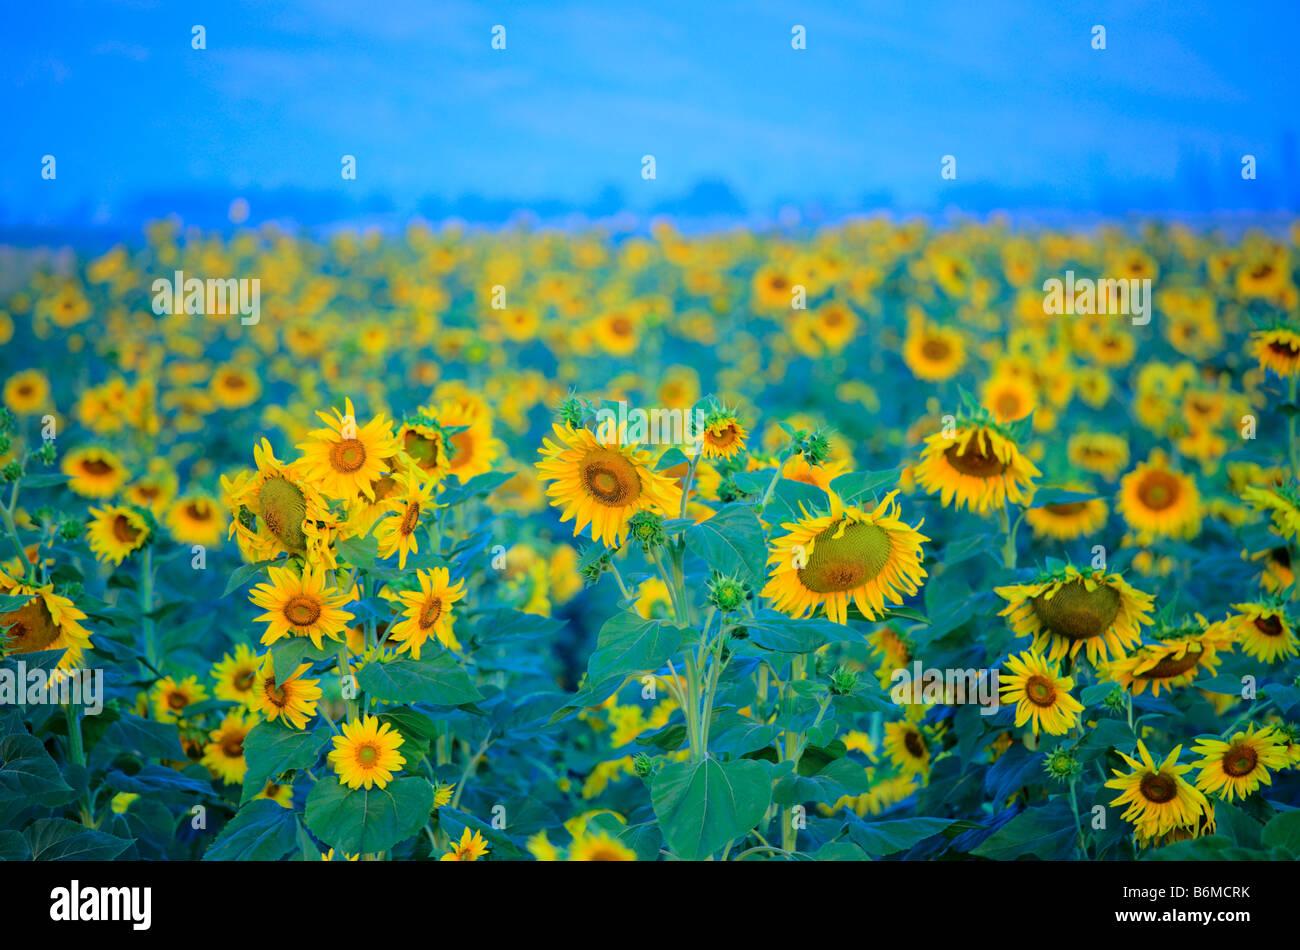 Sunflower field in Macedonia - Stock Image